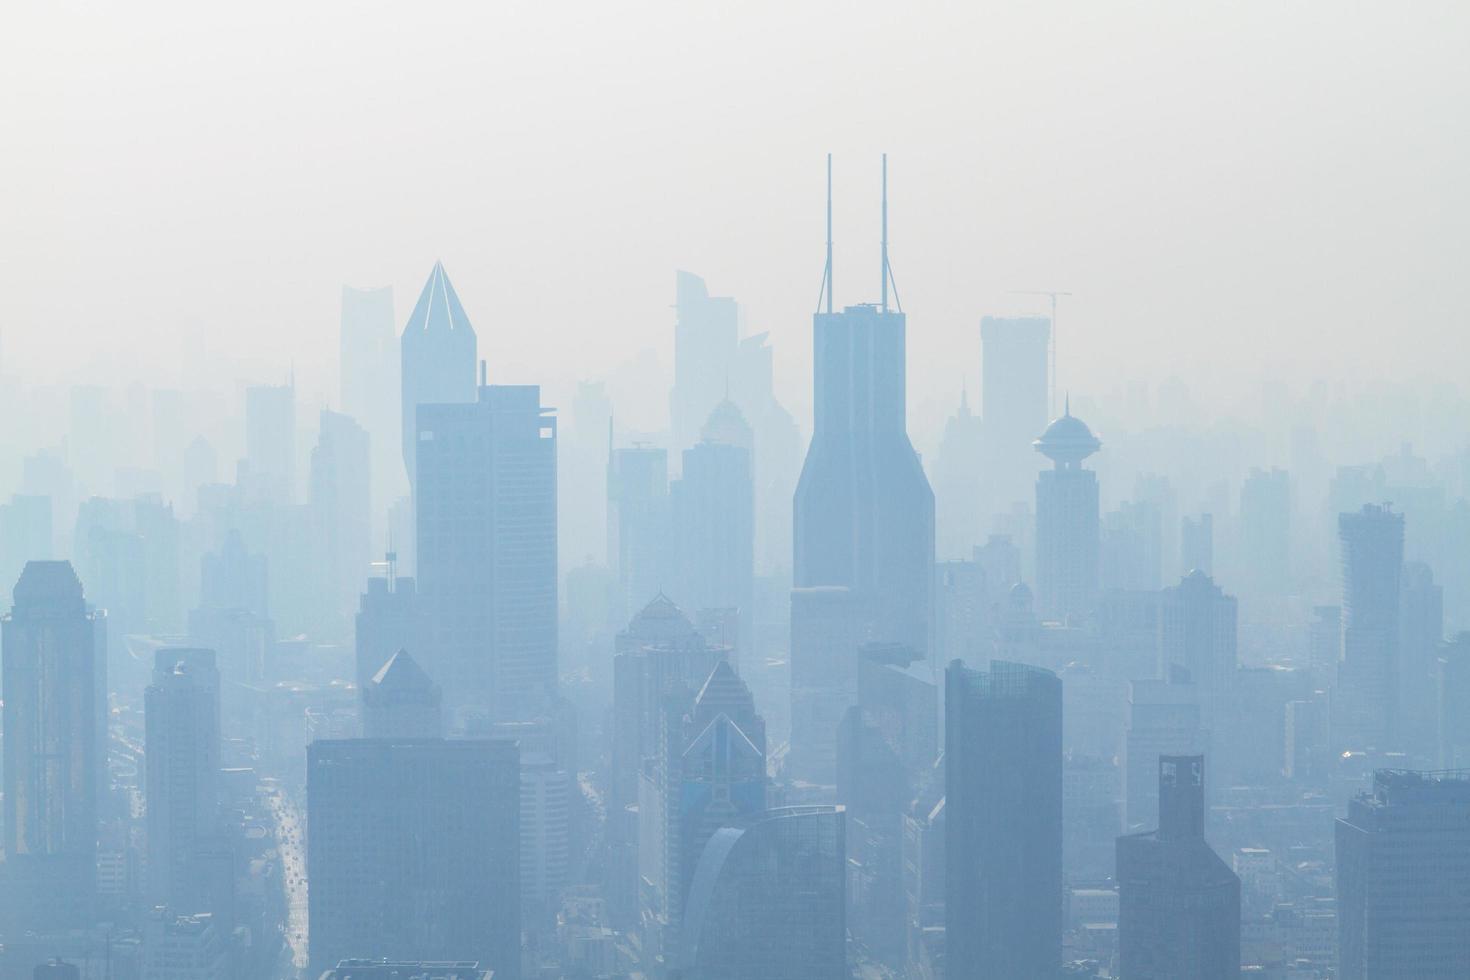 vista aérea de un paisaje urbano foto